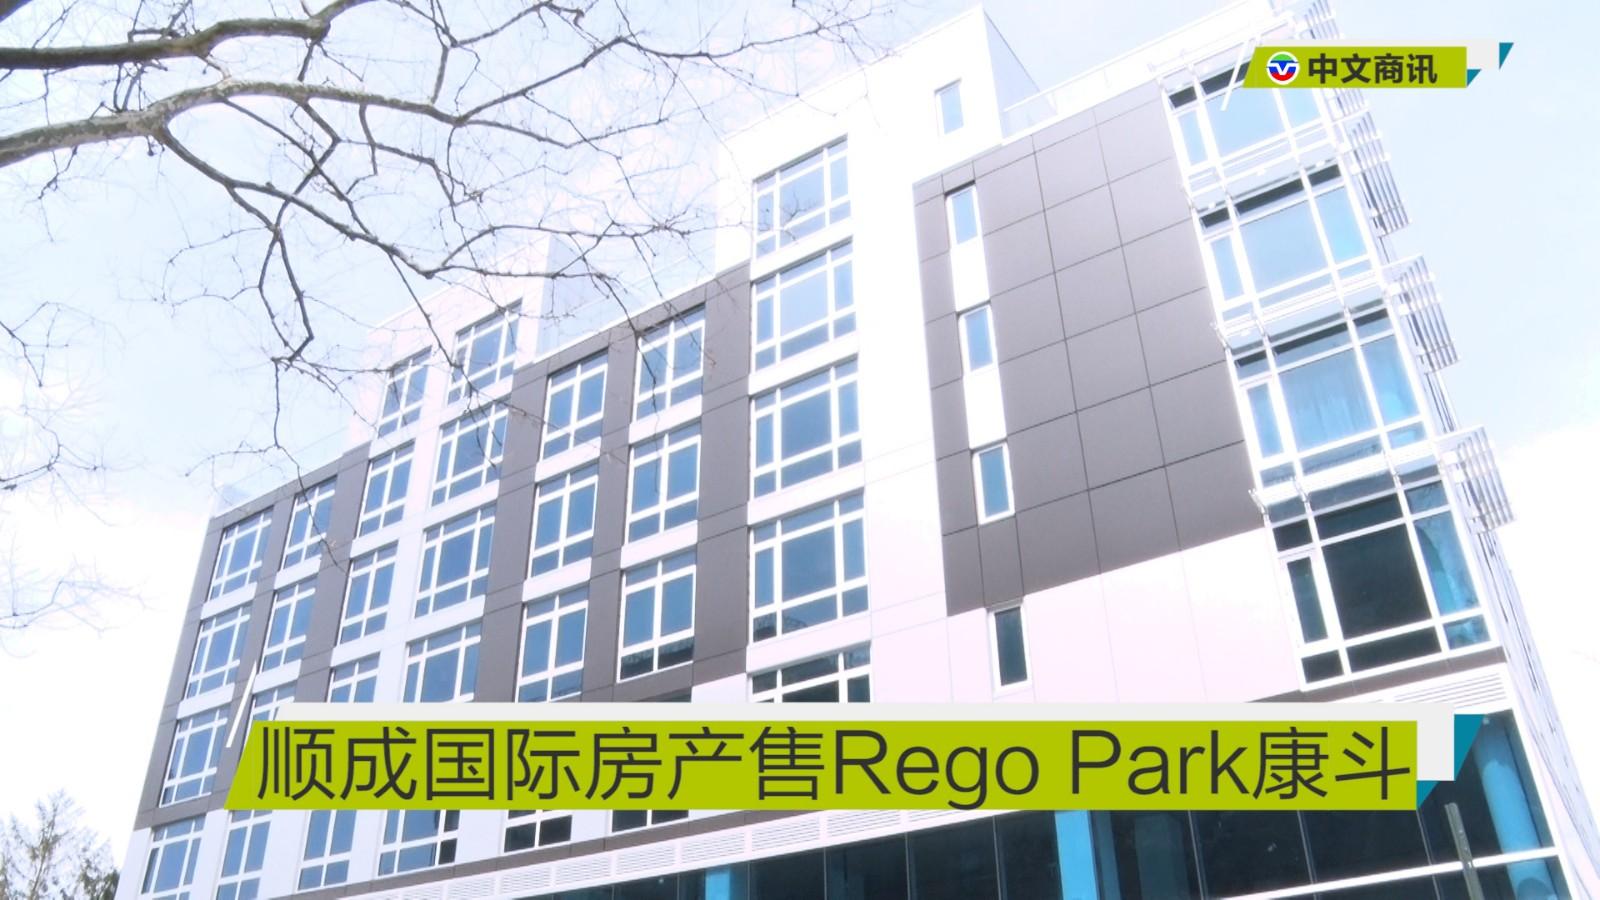 【视频】顺成国际房产售Rego Park康斗